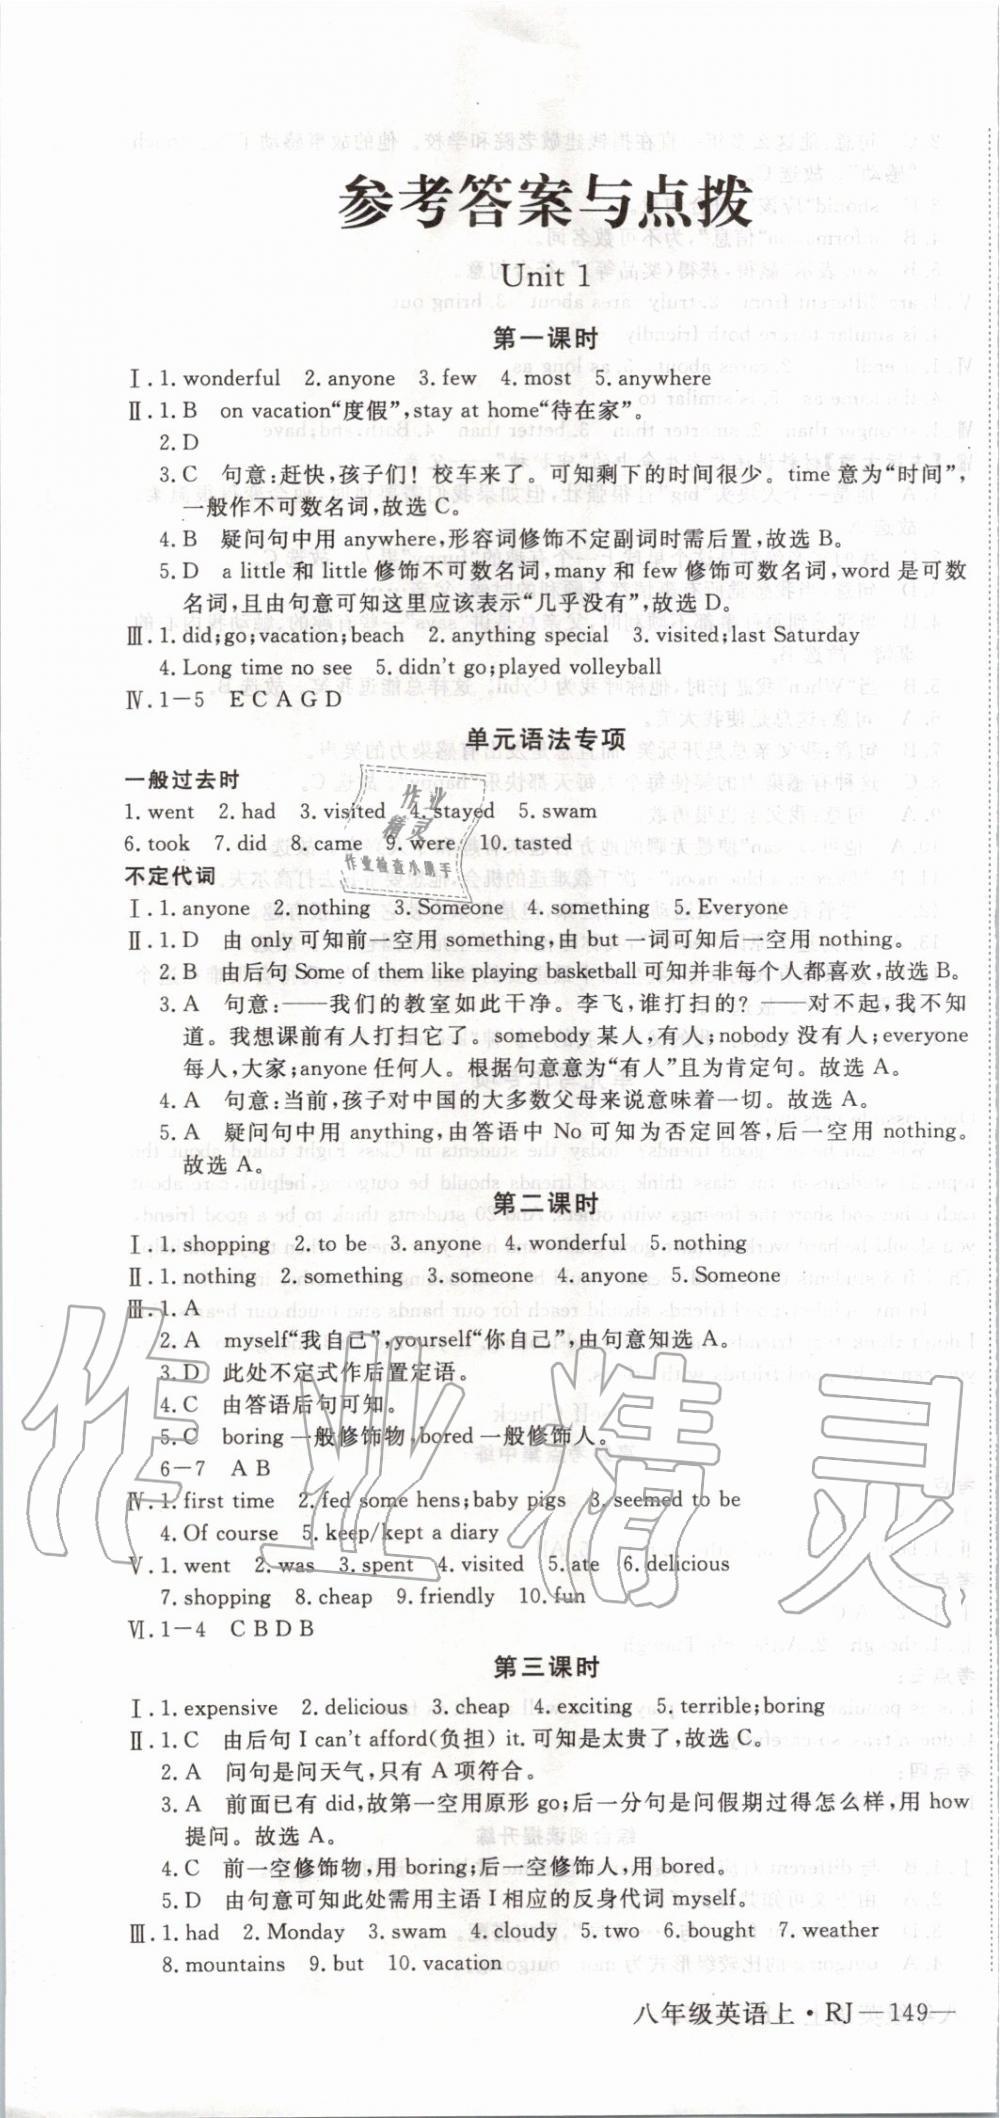 2019年优翼学练优八年级威廉希尔中文版app上册人教版第1页